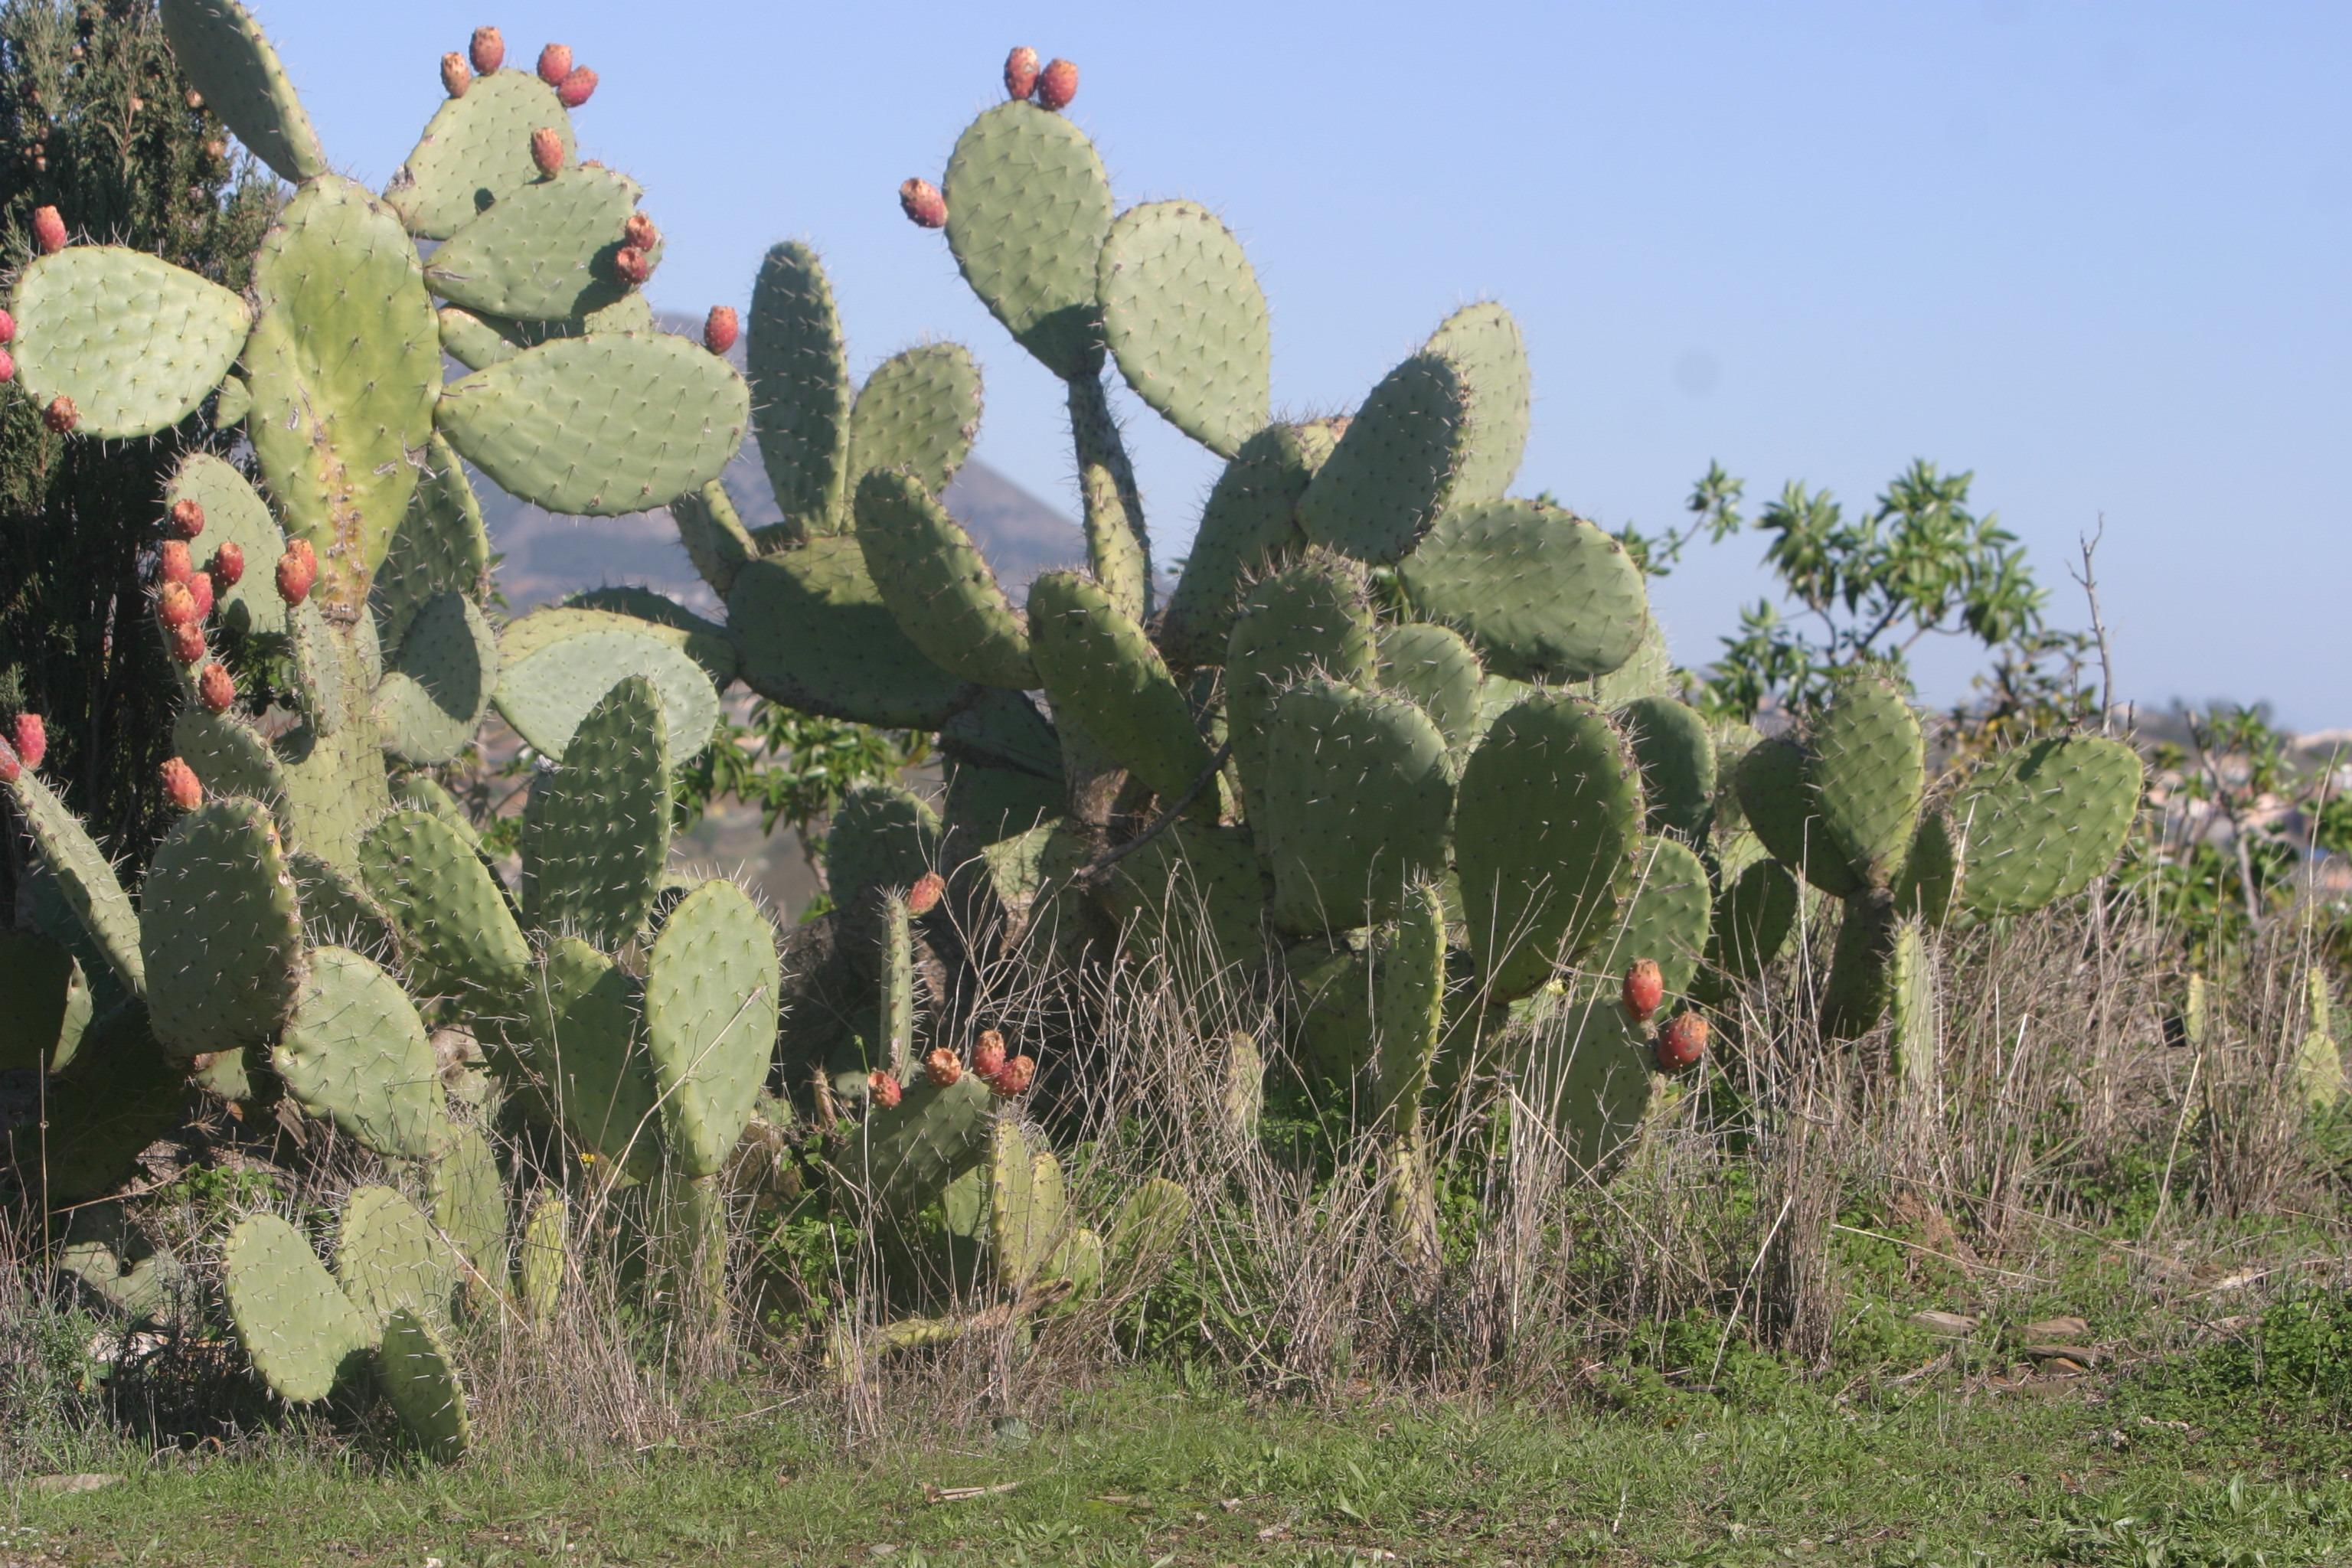 images gratuites arbre pineux cactus fleur aliments produire botanique agriculture. Black Bedroom Furniture Sets. Home Design Ideas